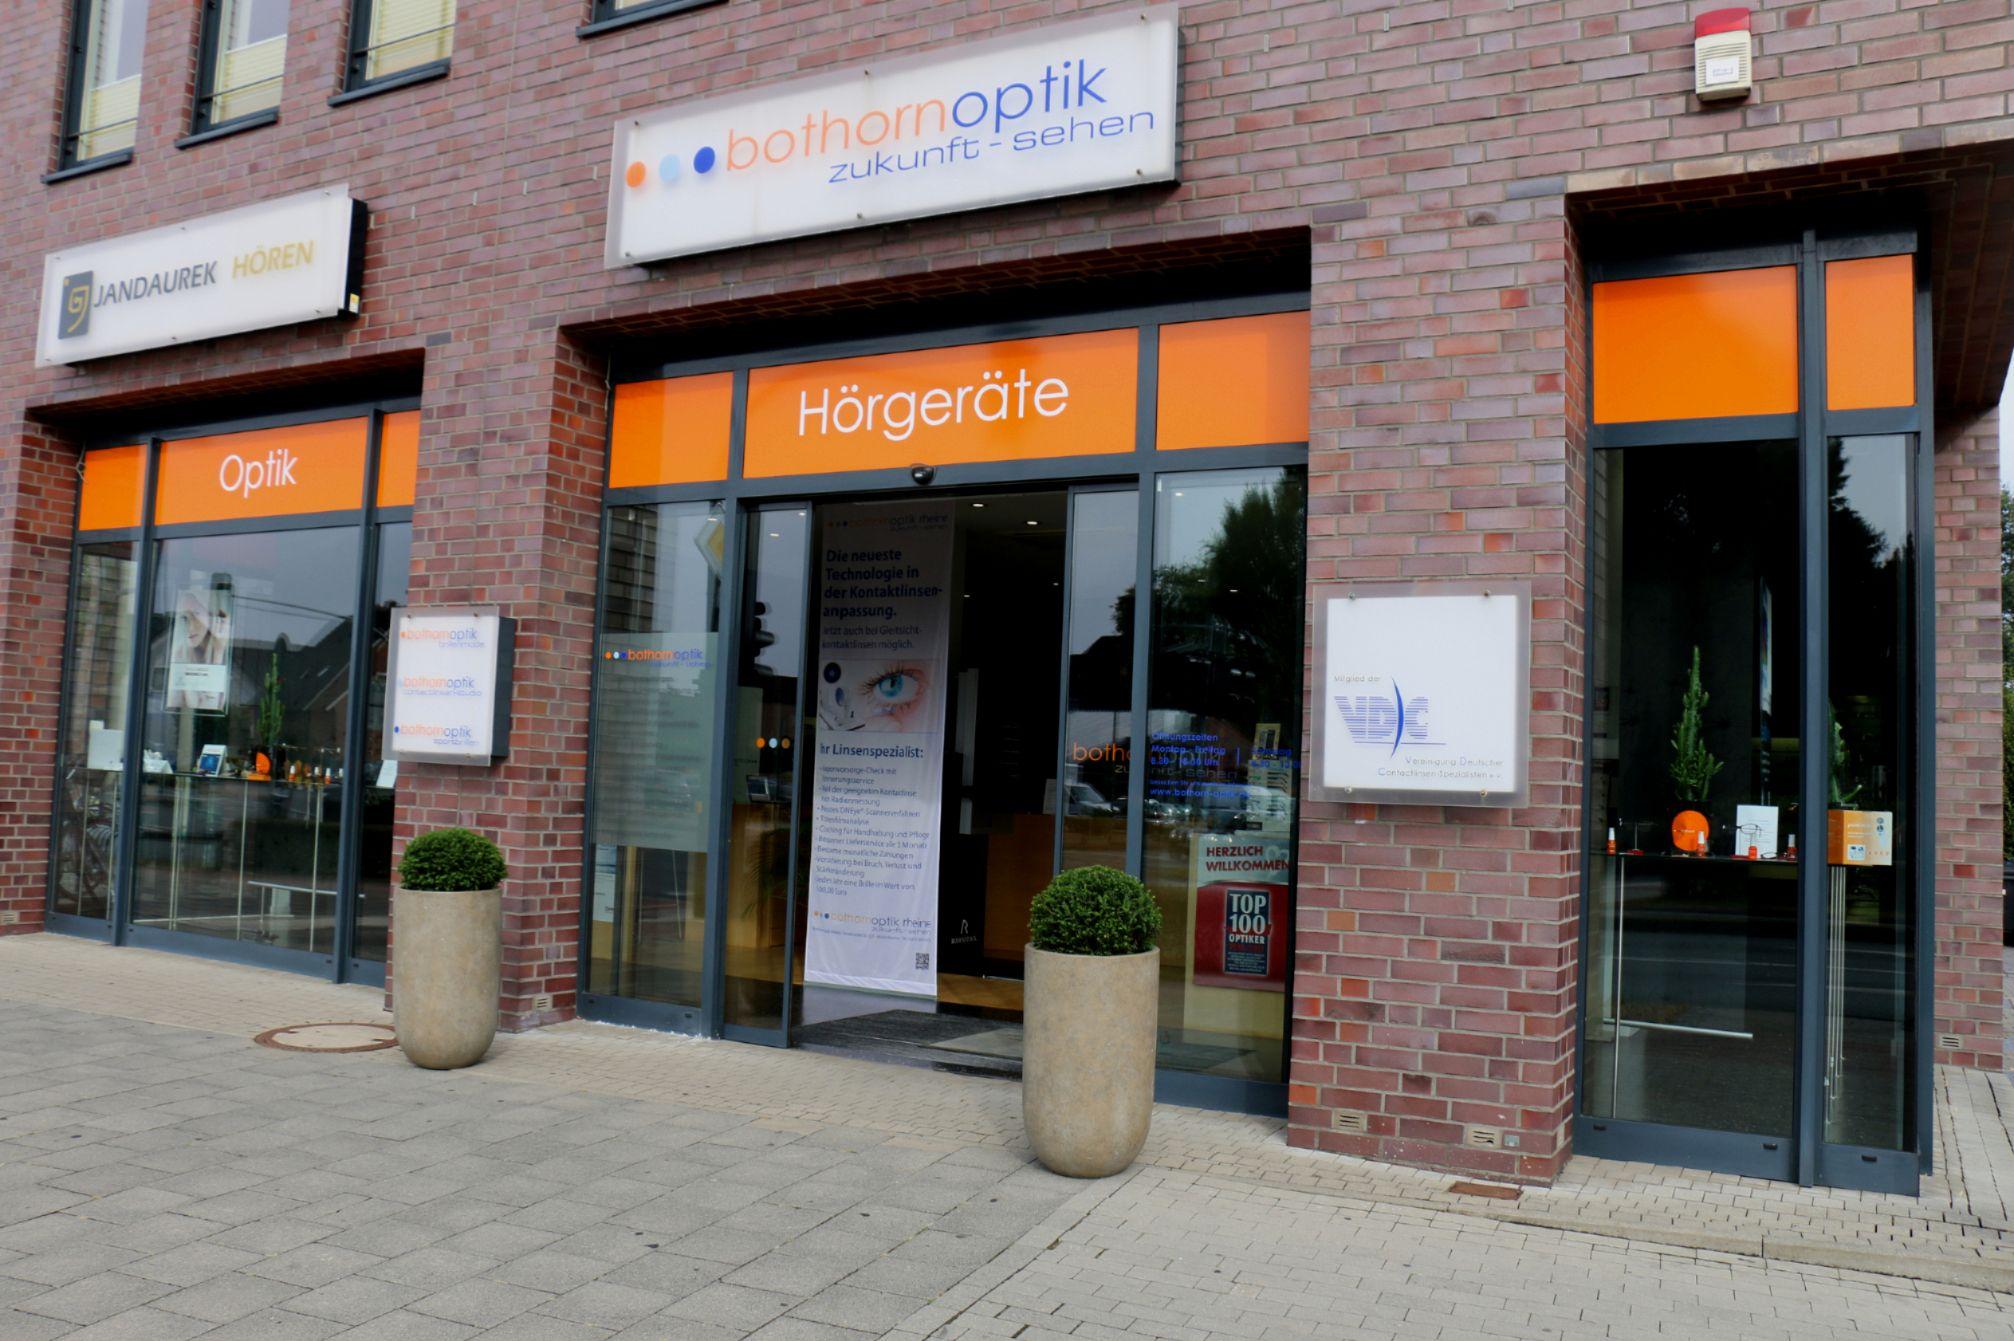 Bothorn Optik Rheine